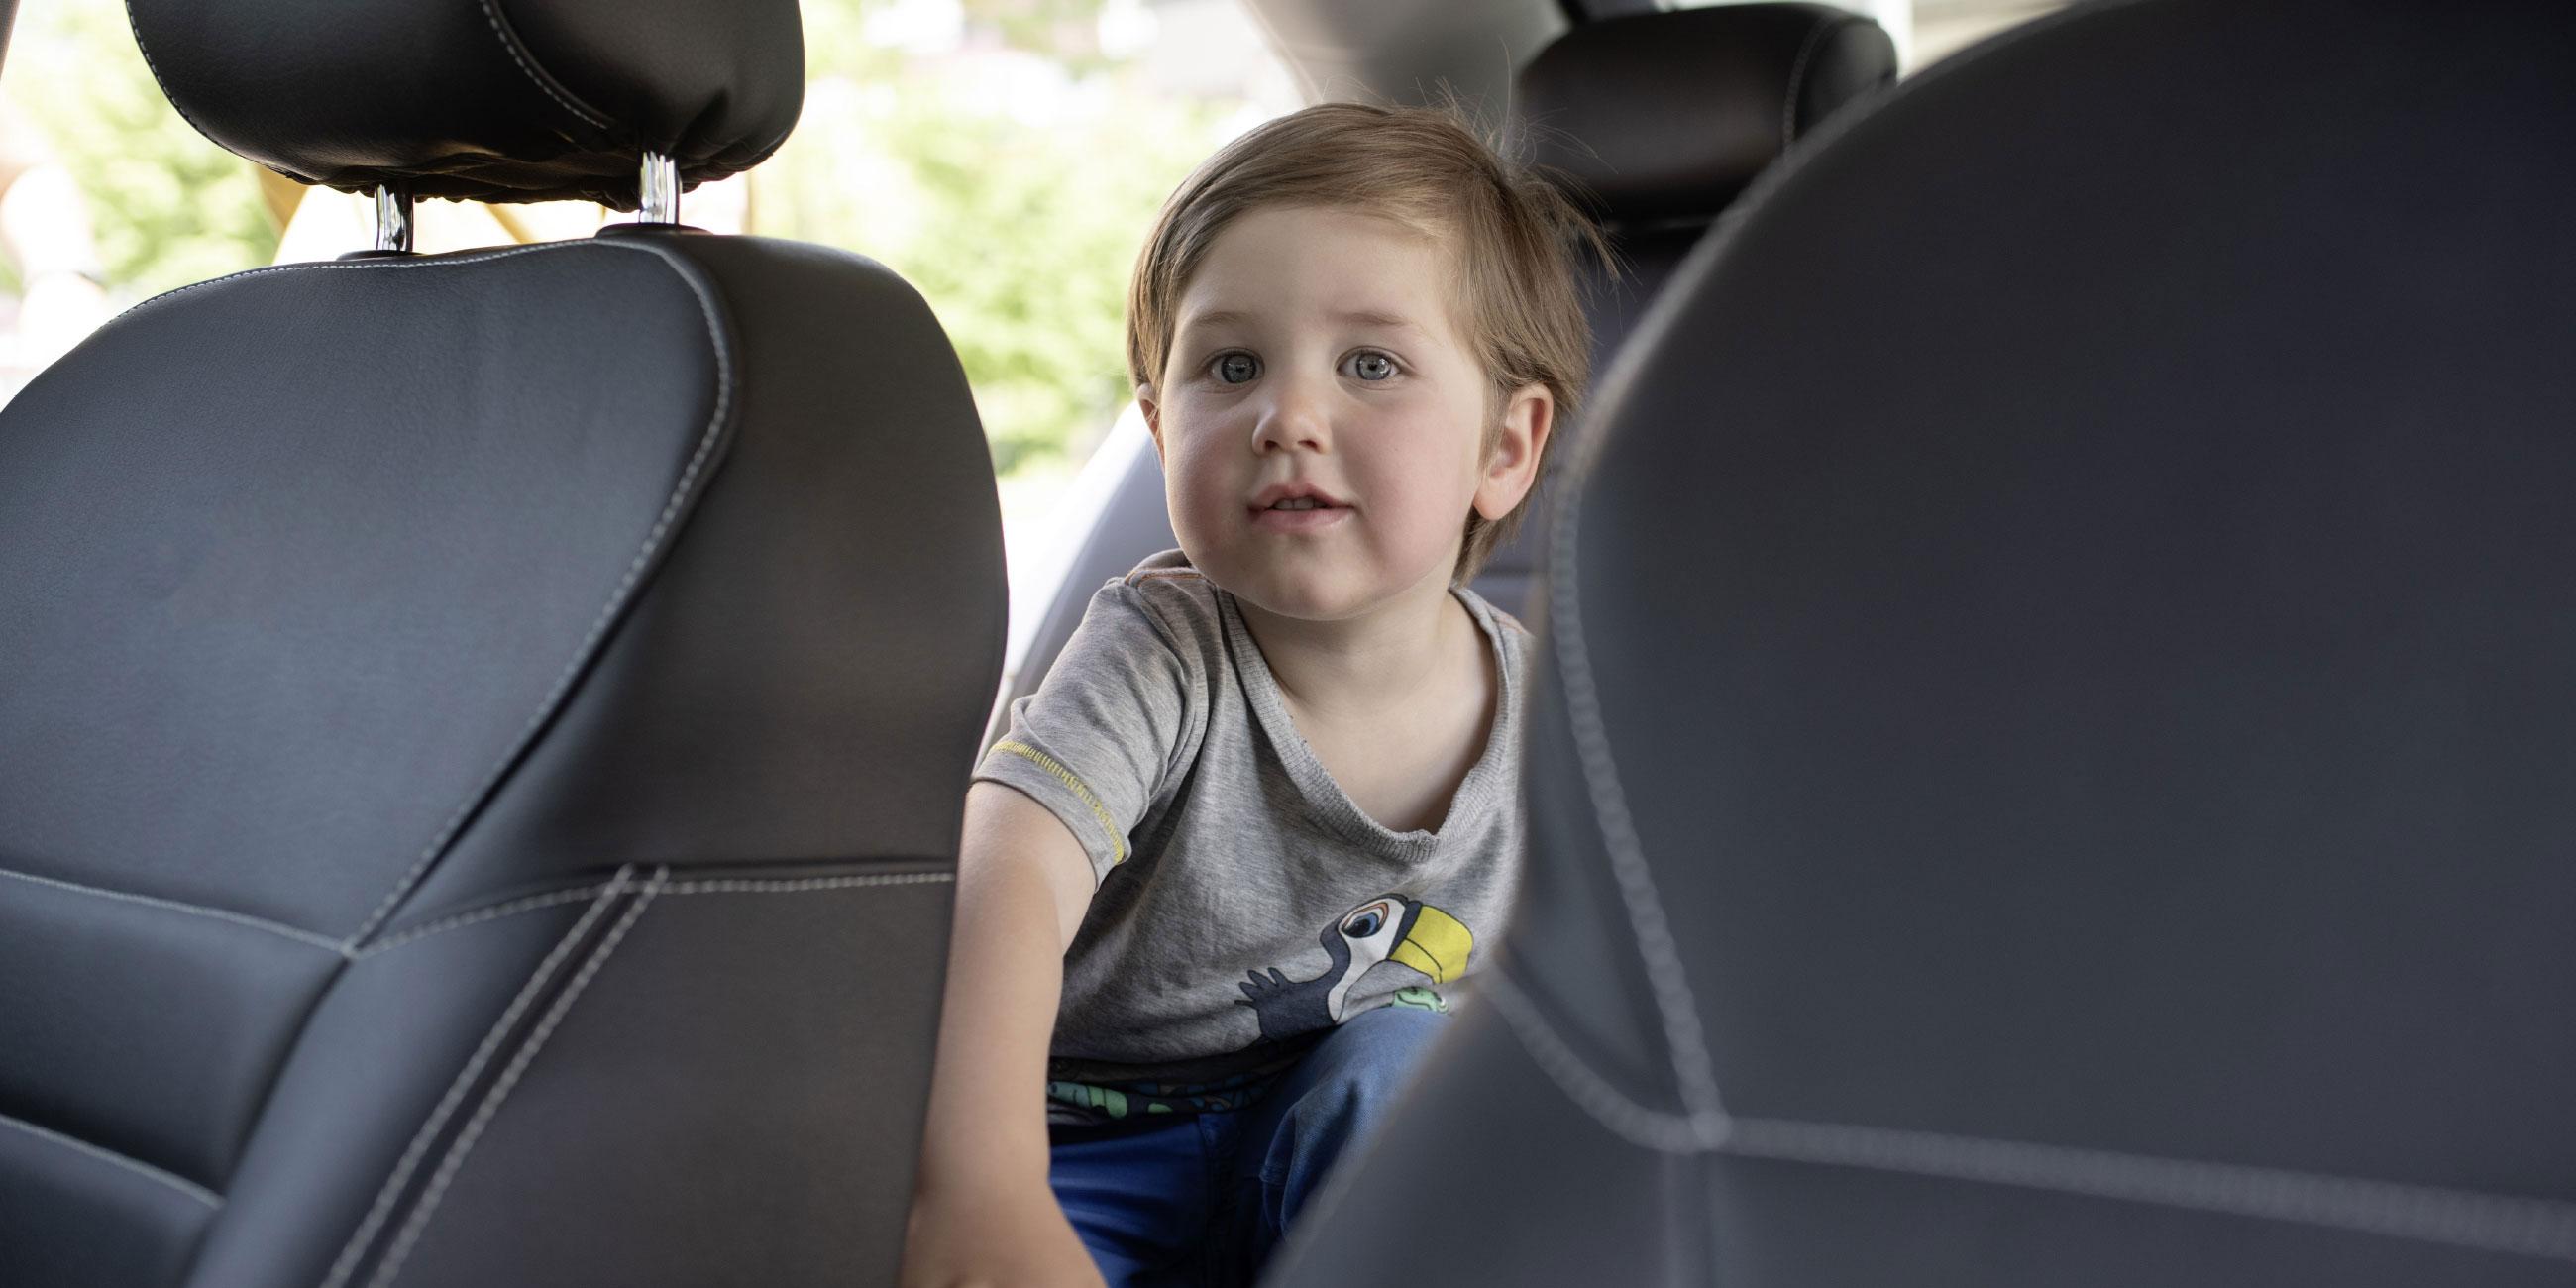 Ein Kleinkind sitzt auf der Rückbank eines TaxiPlus Fahrzeug und grinst in die Kamera.